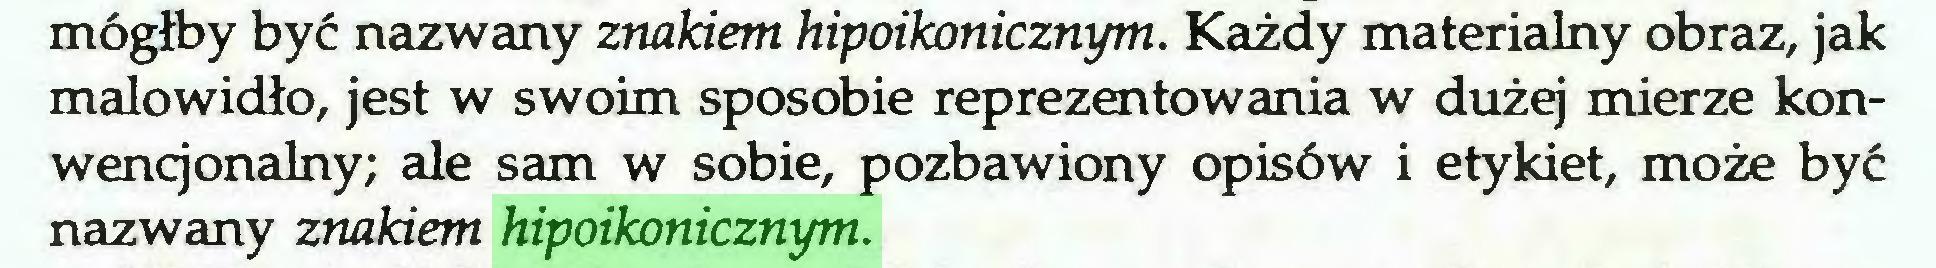 (...) mógłby być nazwany znakiem hipoikonicznym. Każdy materialny obraz, jak malowidło, jest w swoim sposobie reprezentowania w dużej mierze konwencjonalny; ale sam w sobie, pozbawiony opisów i etykiet, może być nazwany znakiem hipoikonicznym...